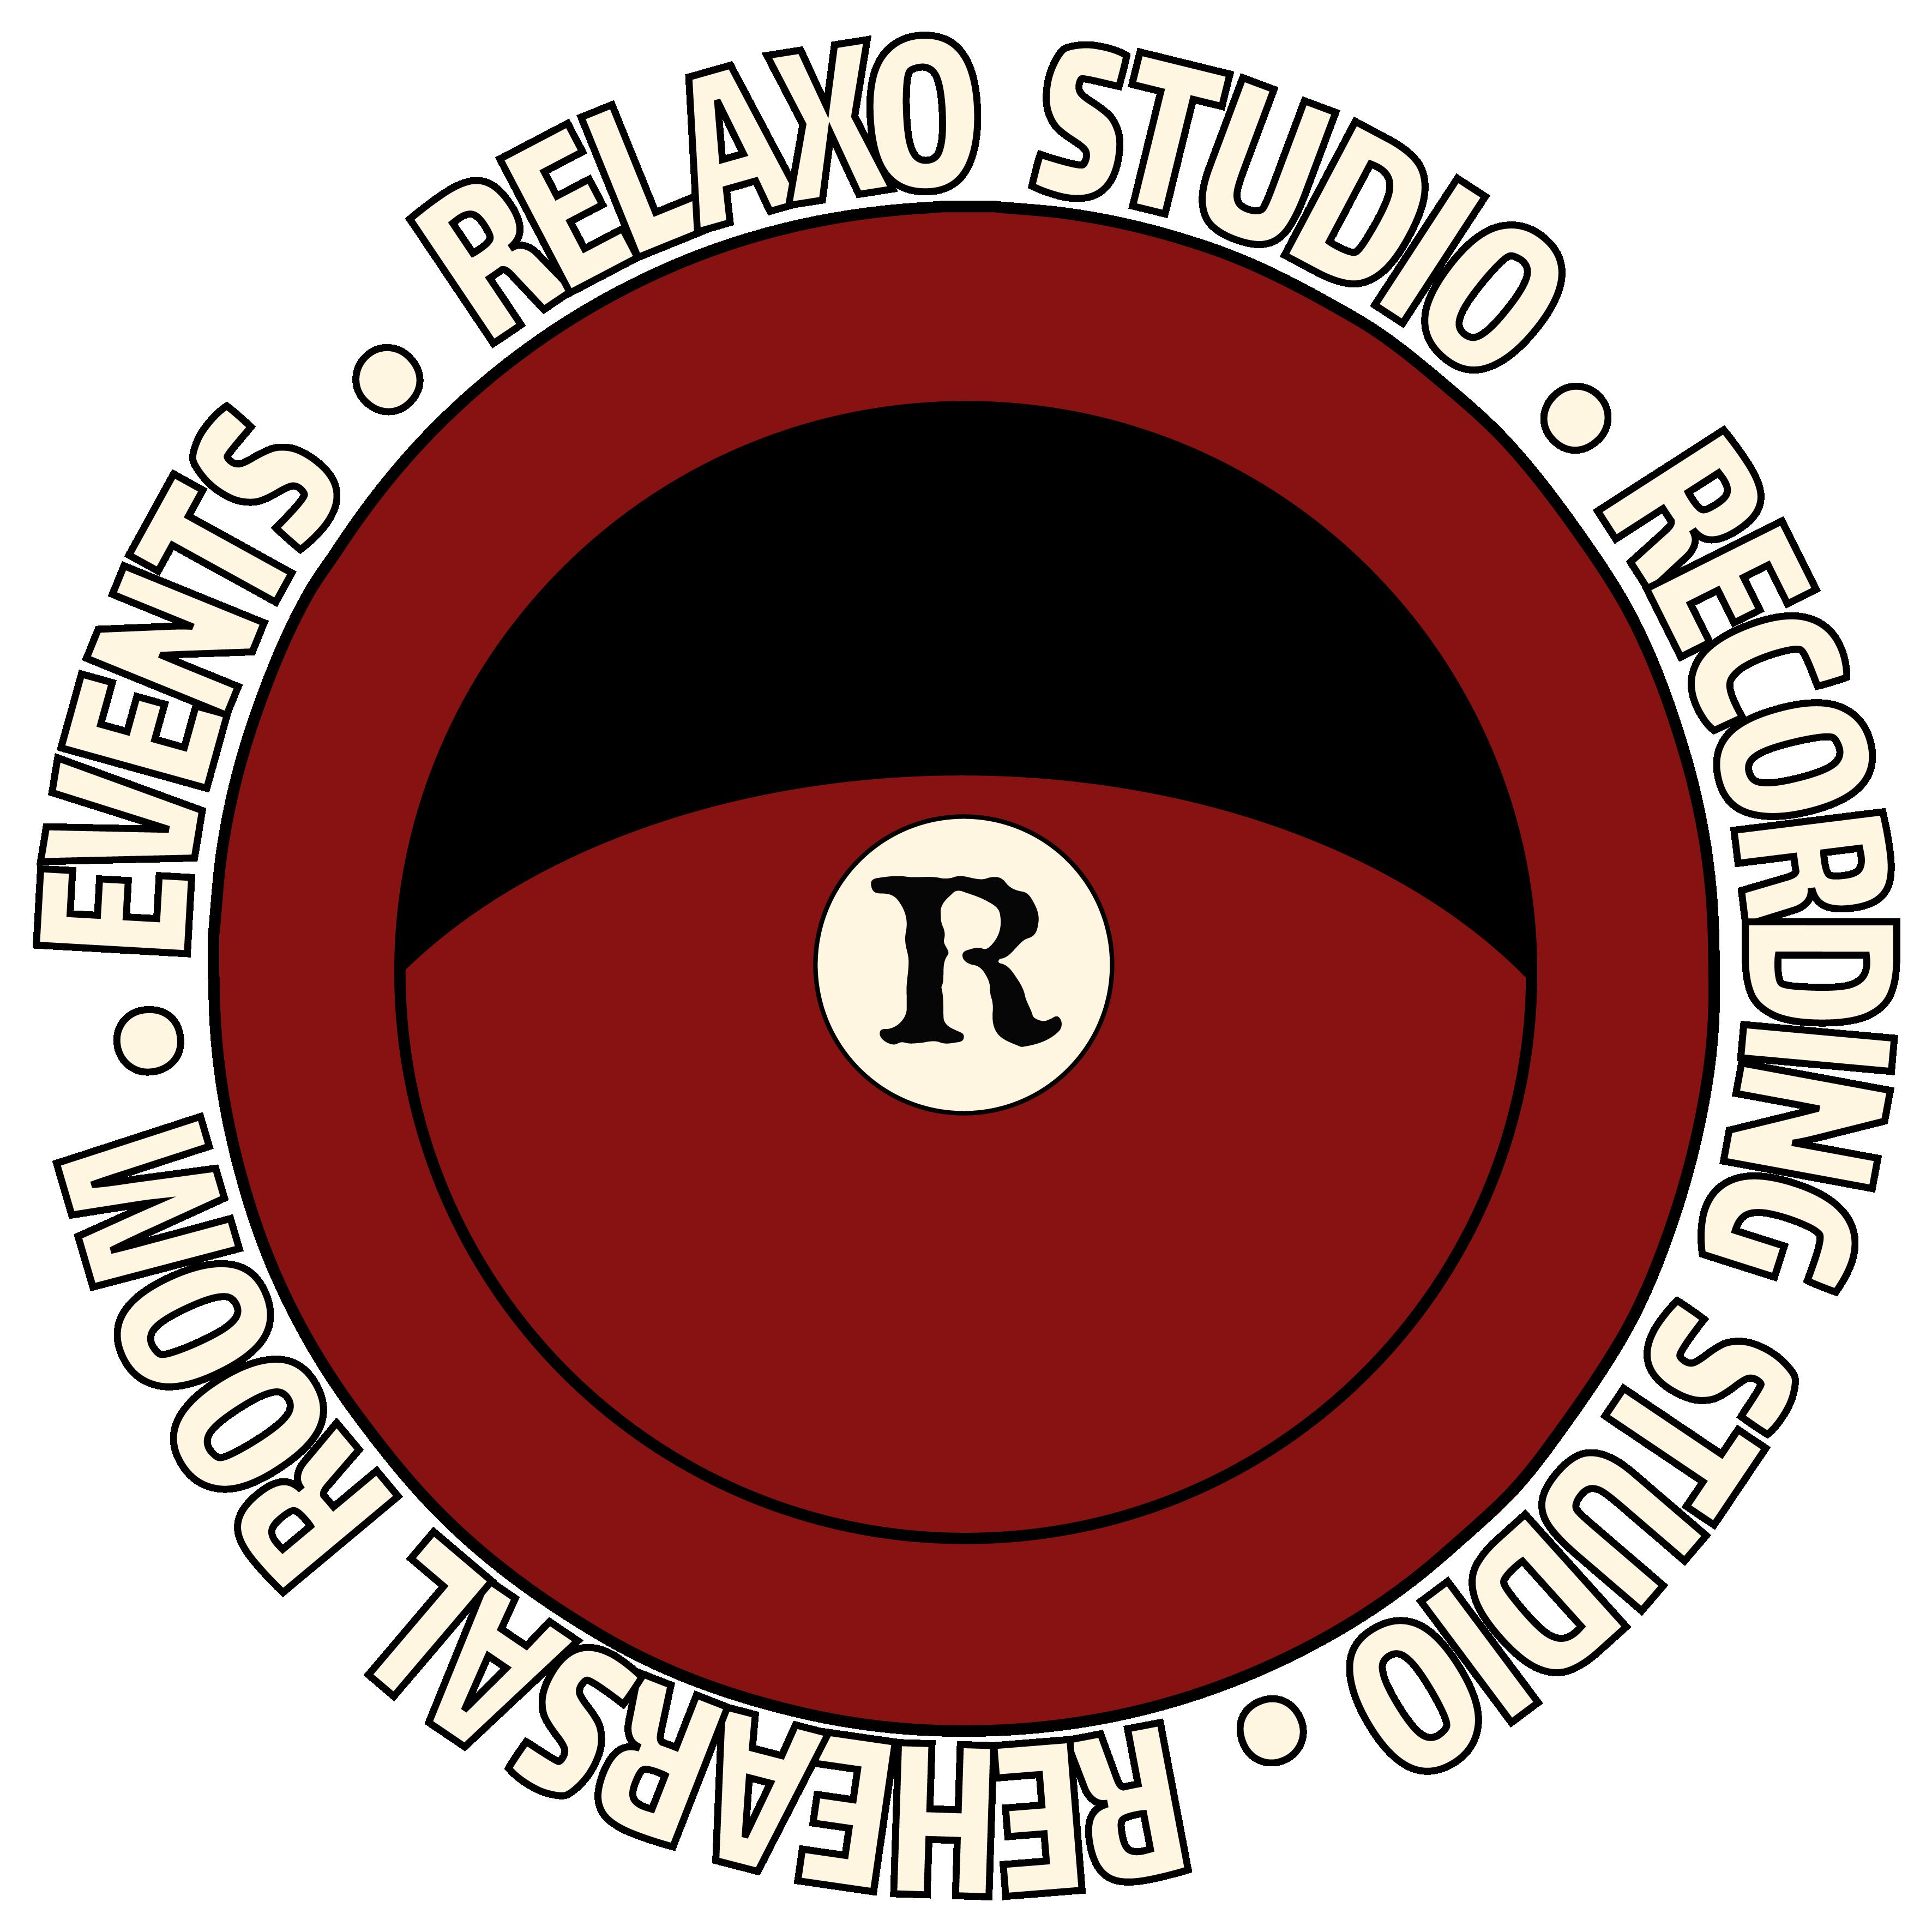 Relaxo Studio